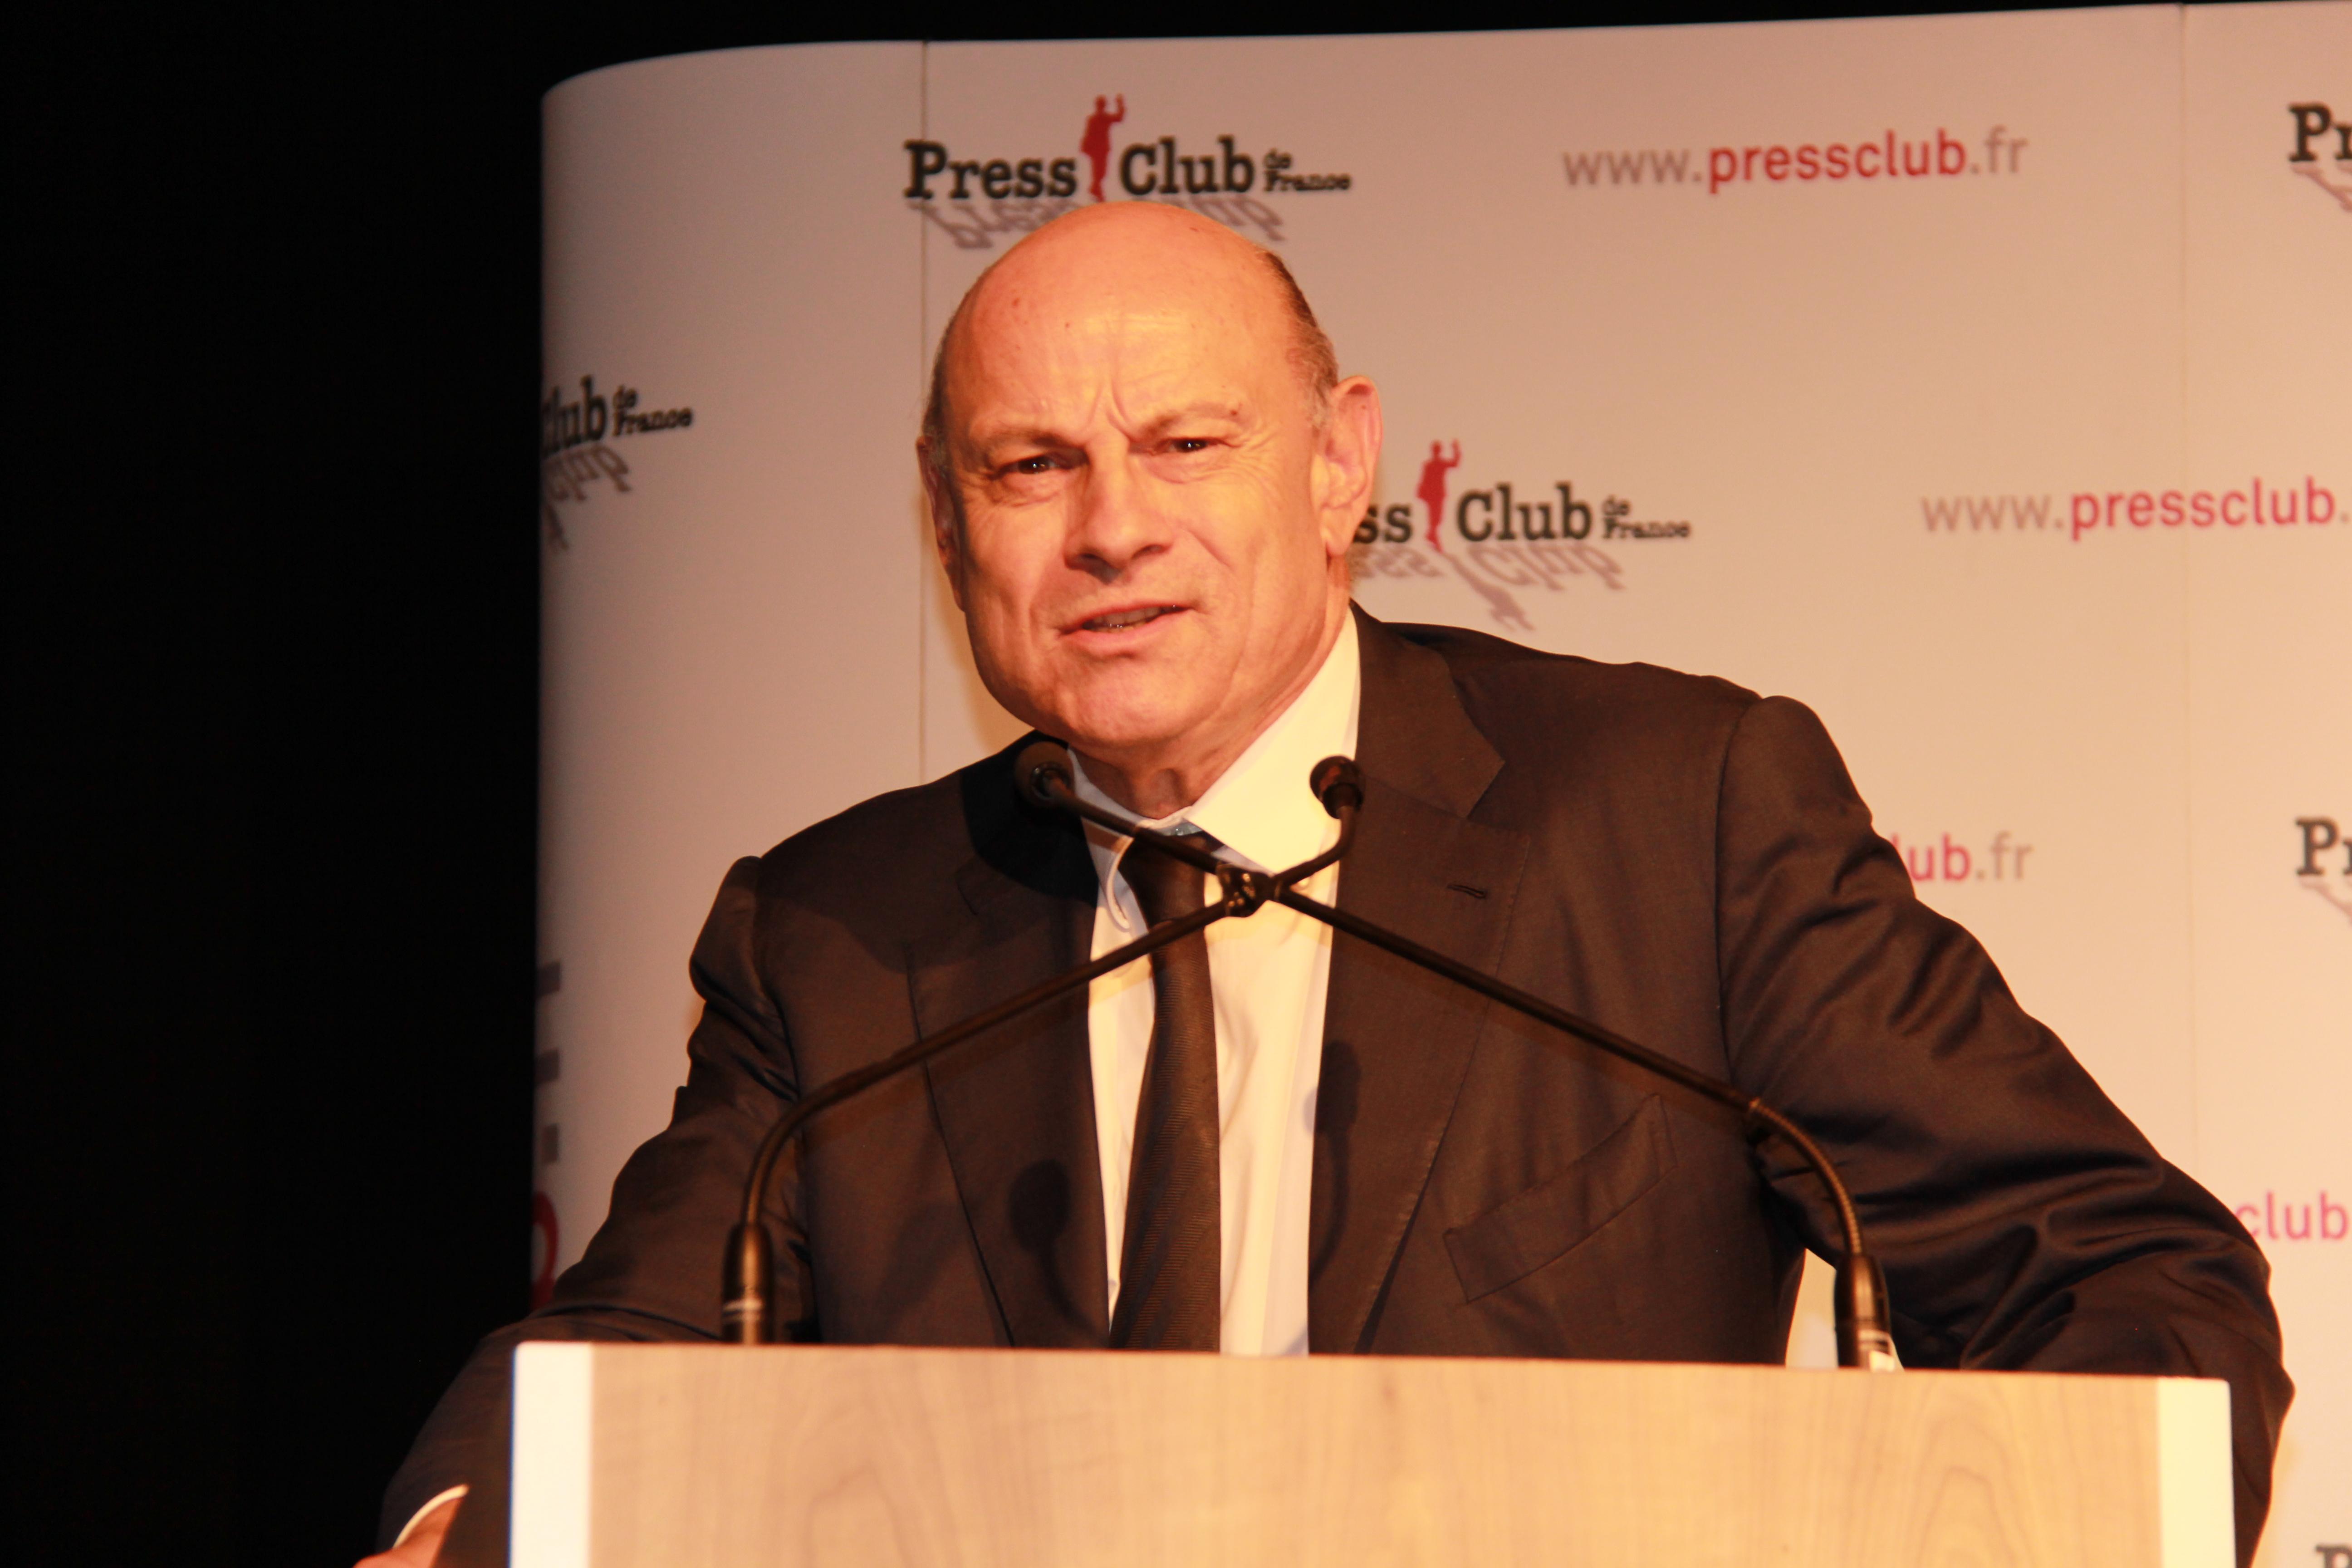 Jean-Marie Le Guen - Secrétaire d'Etat chargé des relations avec le Parlement lauréat du Prix Spécial du Jury du Prix Press Club, Humour et Politique